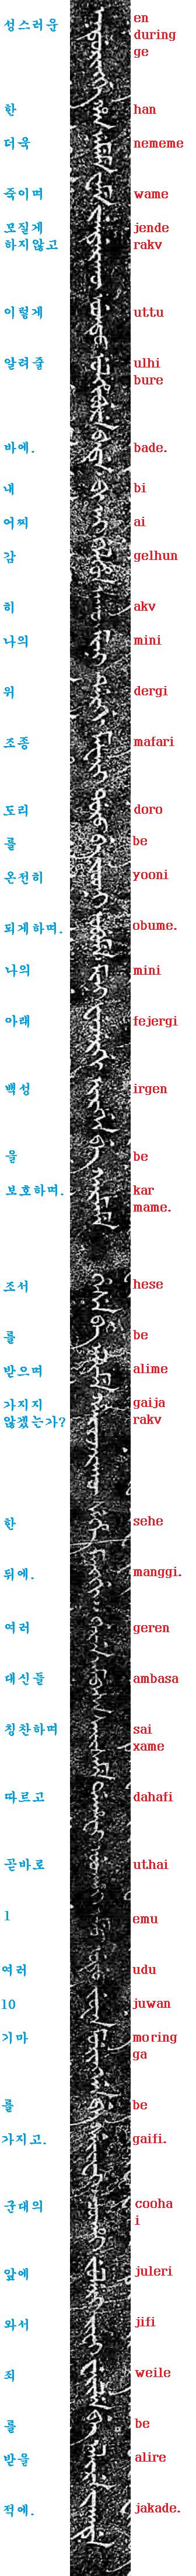 만주어 삼전도비 번역 및 쓰기 5부-내 종묘사직과 백..